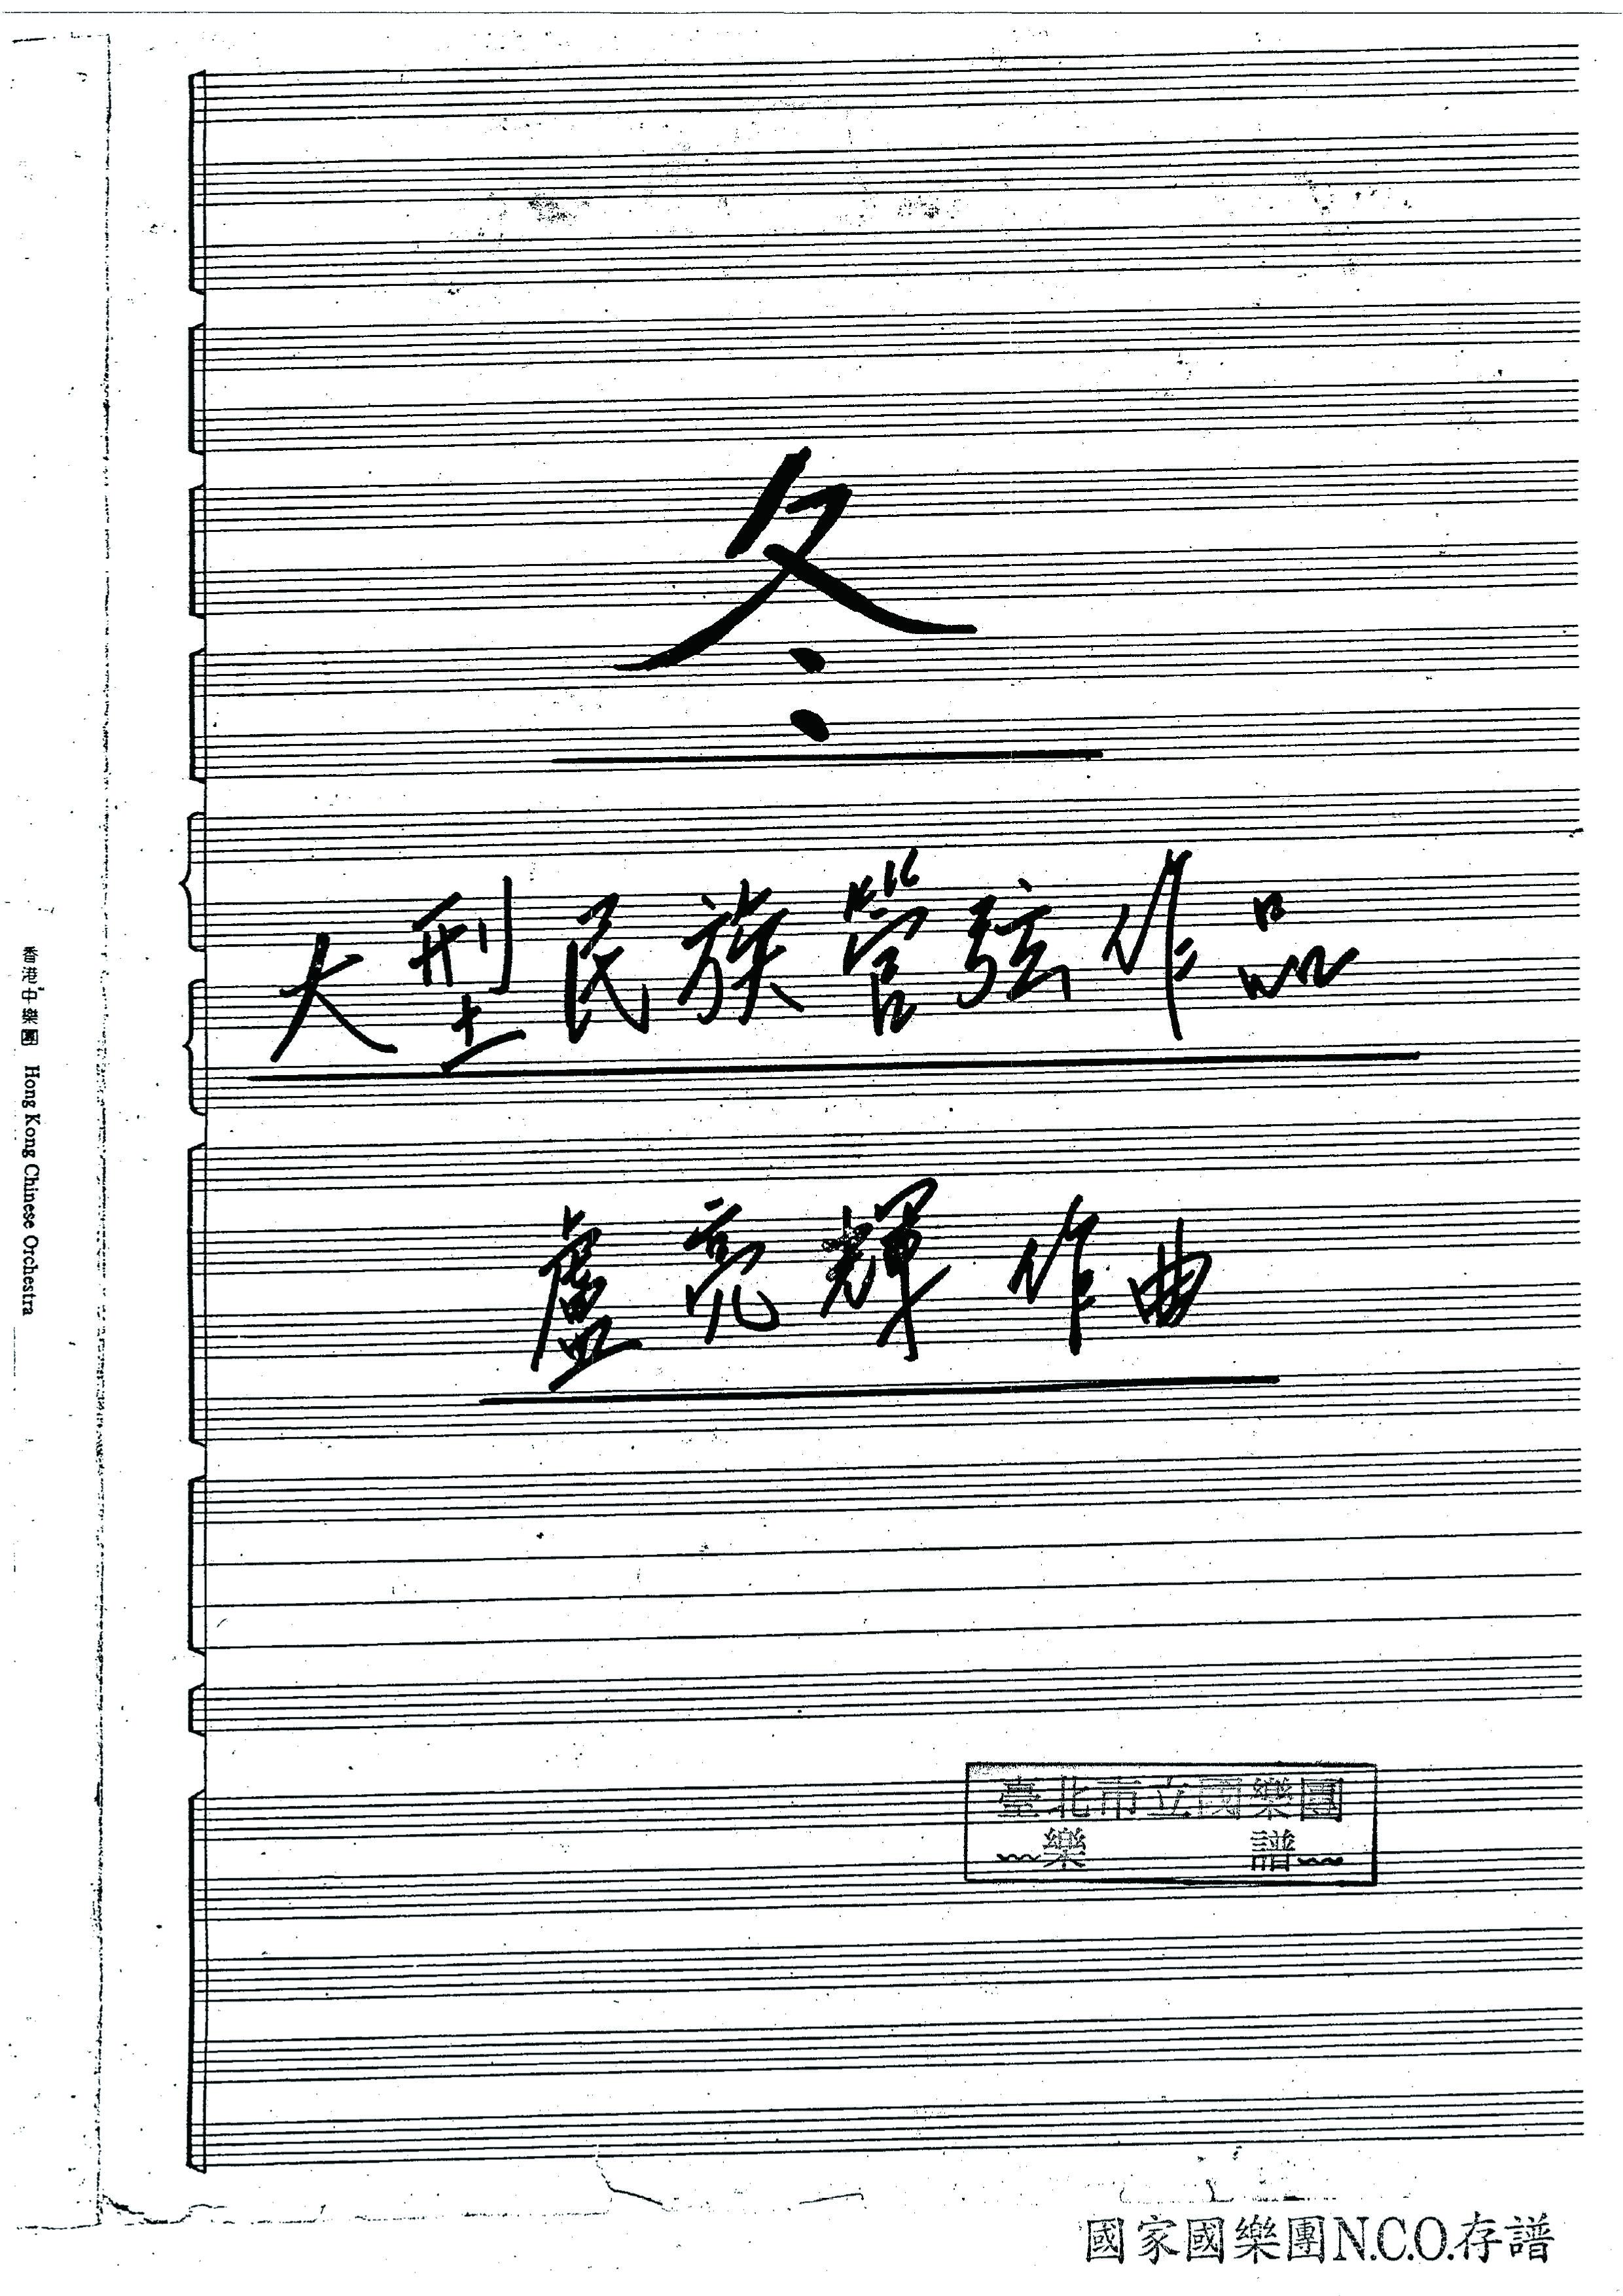 冬-大型民族管弦樂曲作品手抄譜1.jpg